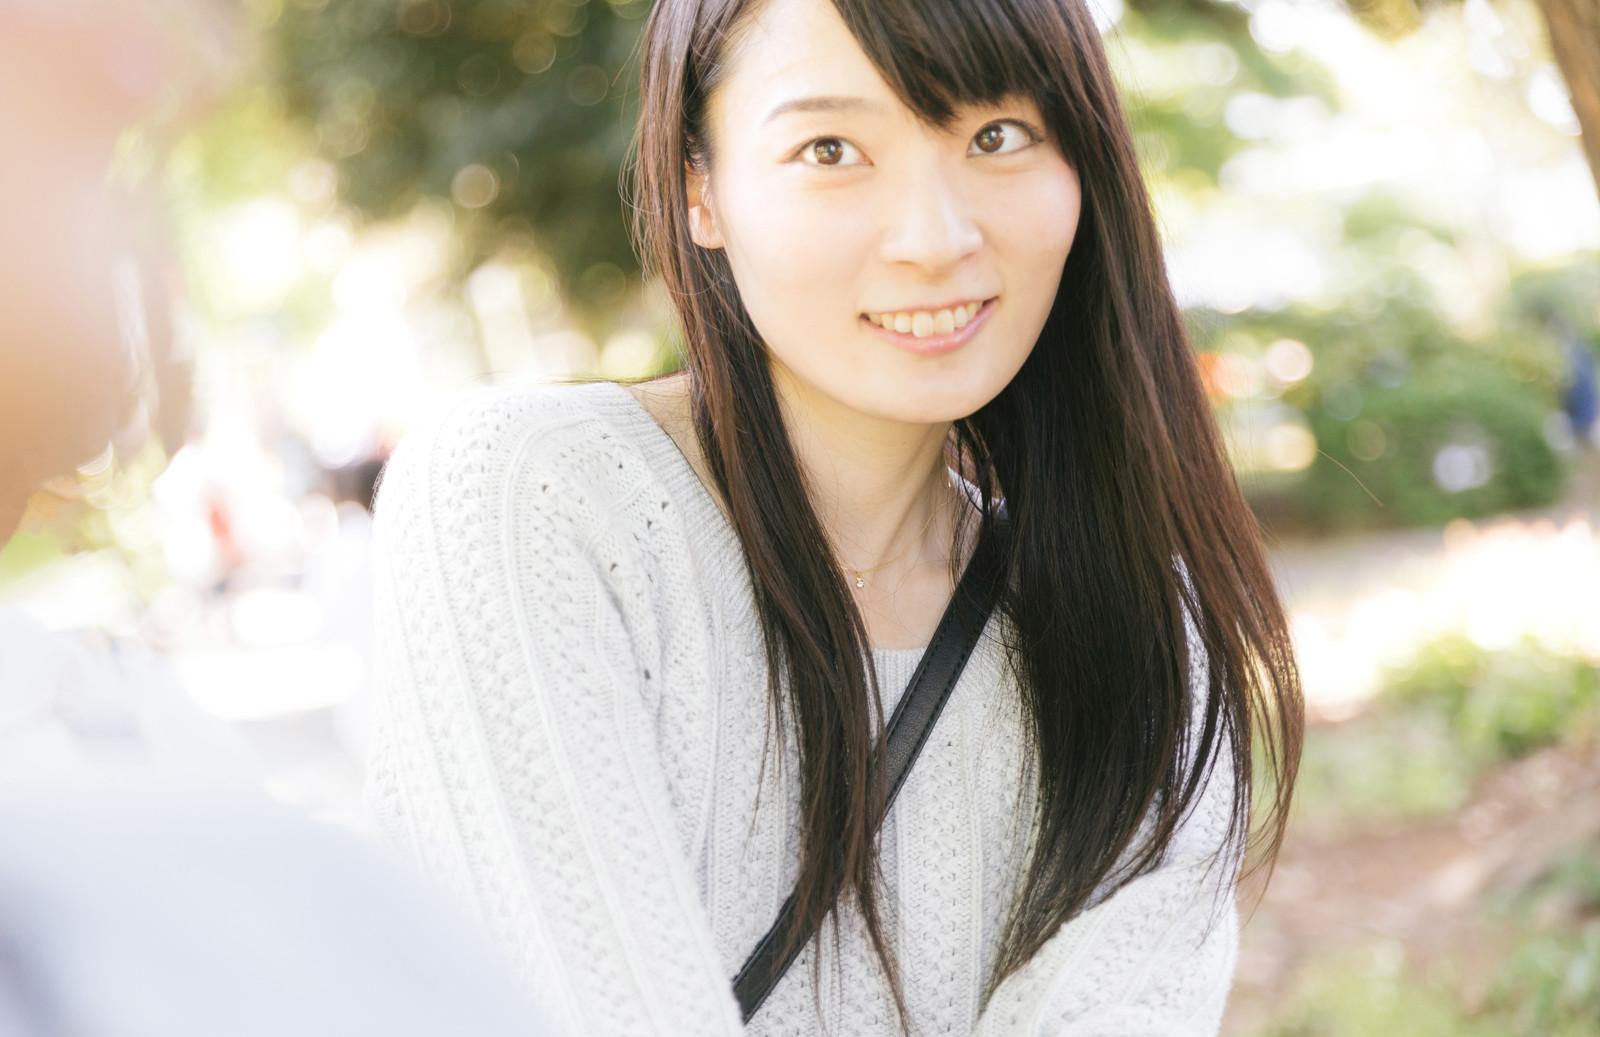 元av女優みなもとしずかの本名は朝香美羽東京外国語大学卒の